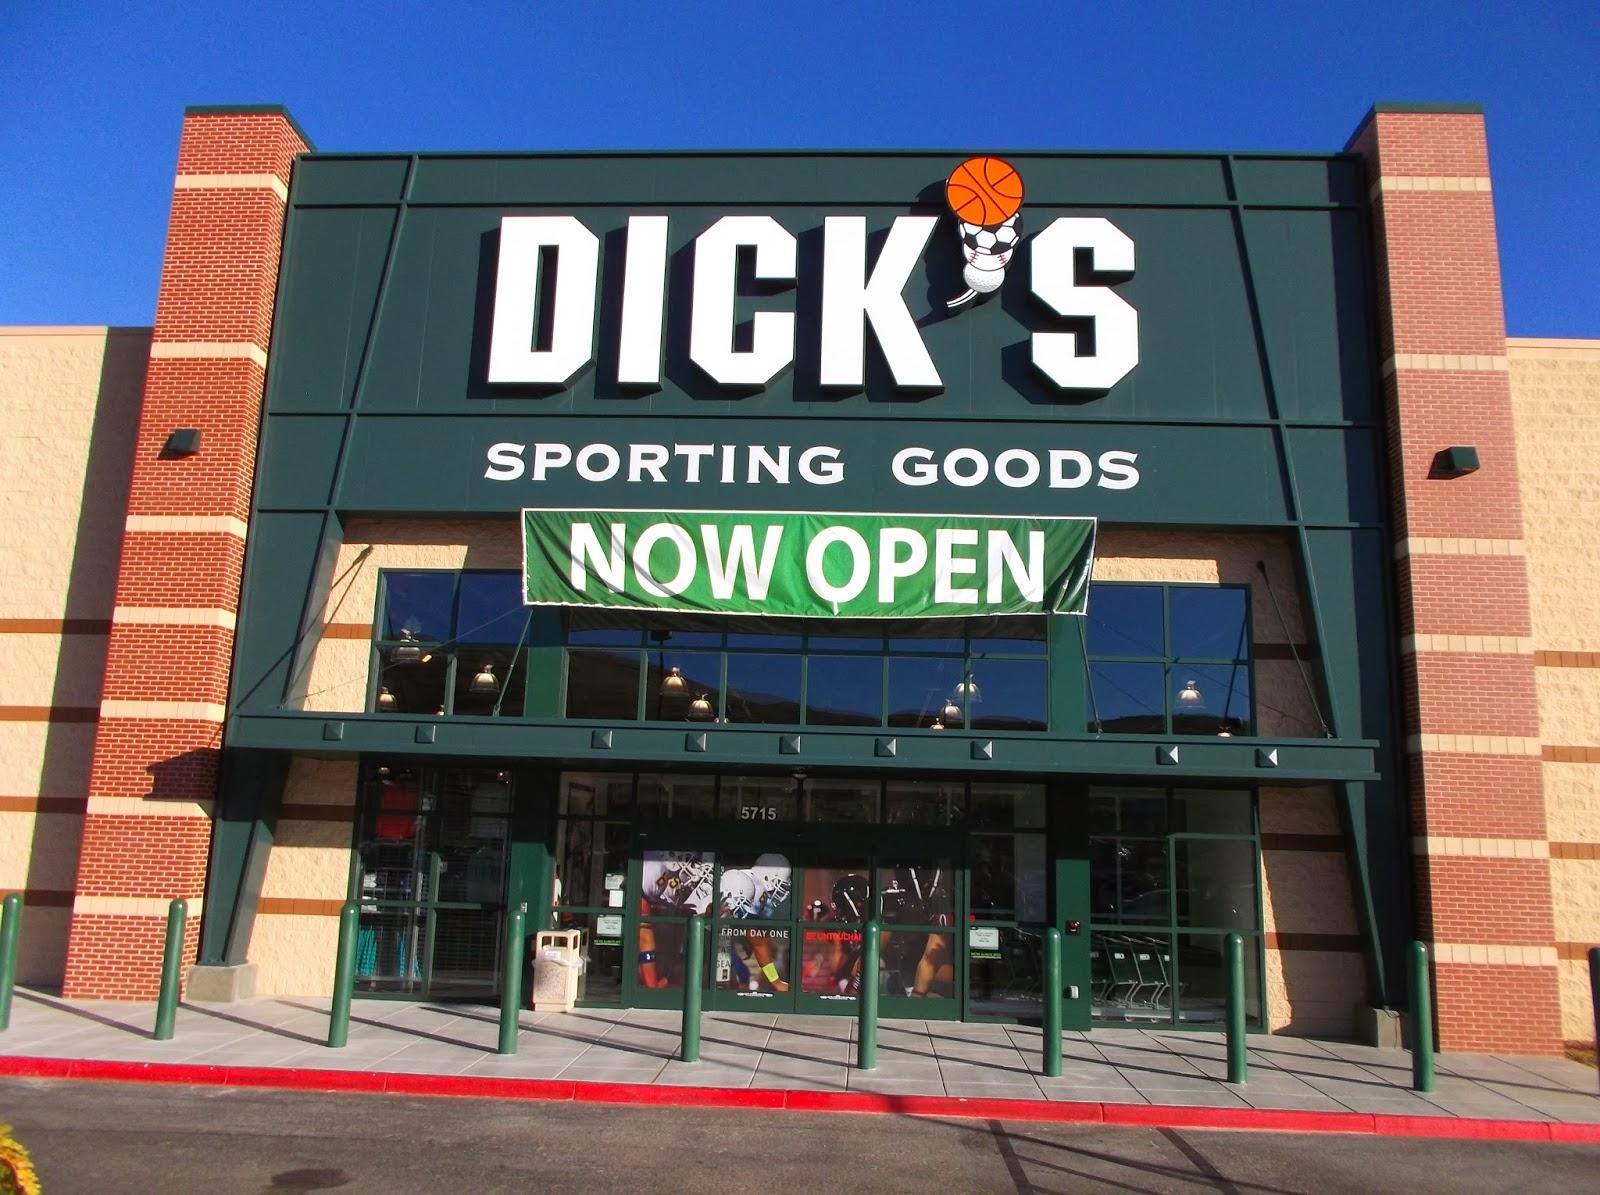 Hayden's Business Blog: Dick's Sporting Goods in Prescott Valley is now open!